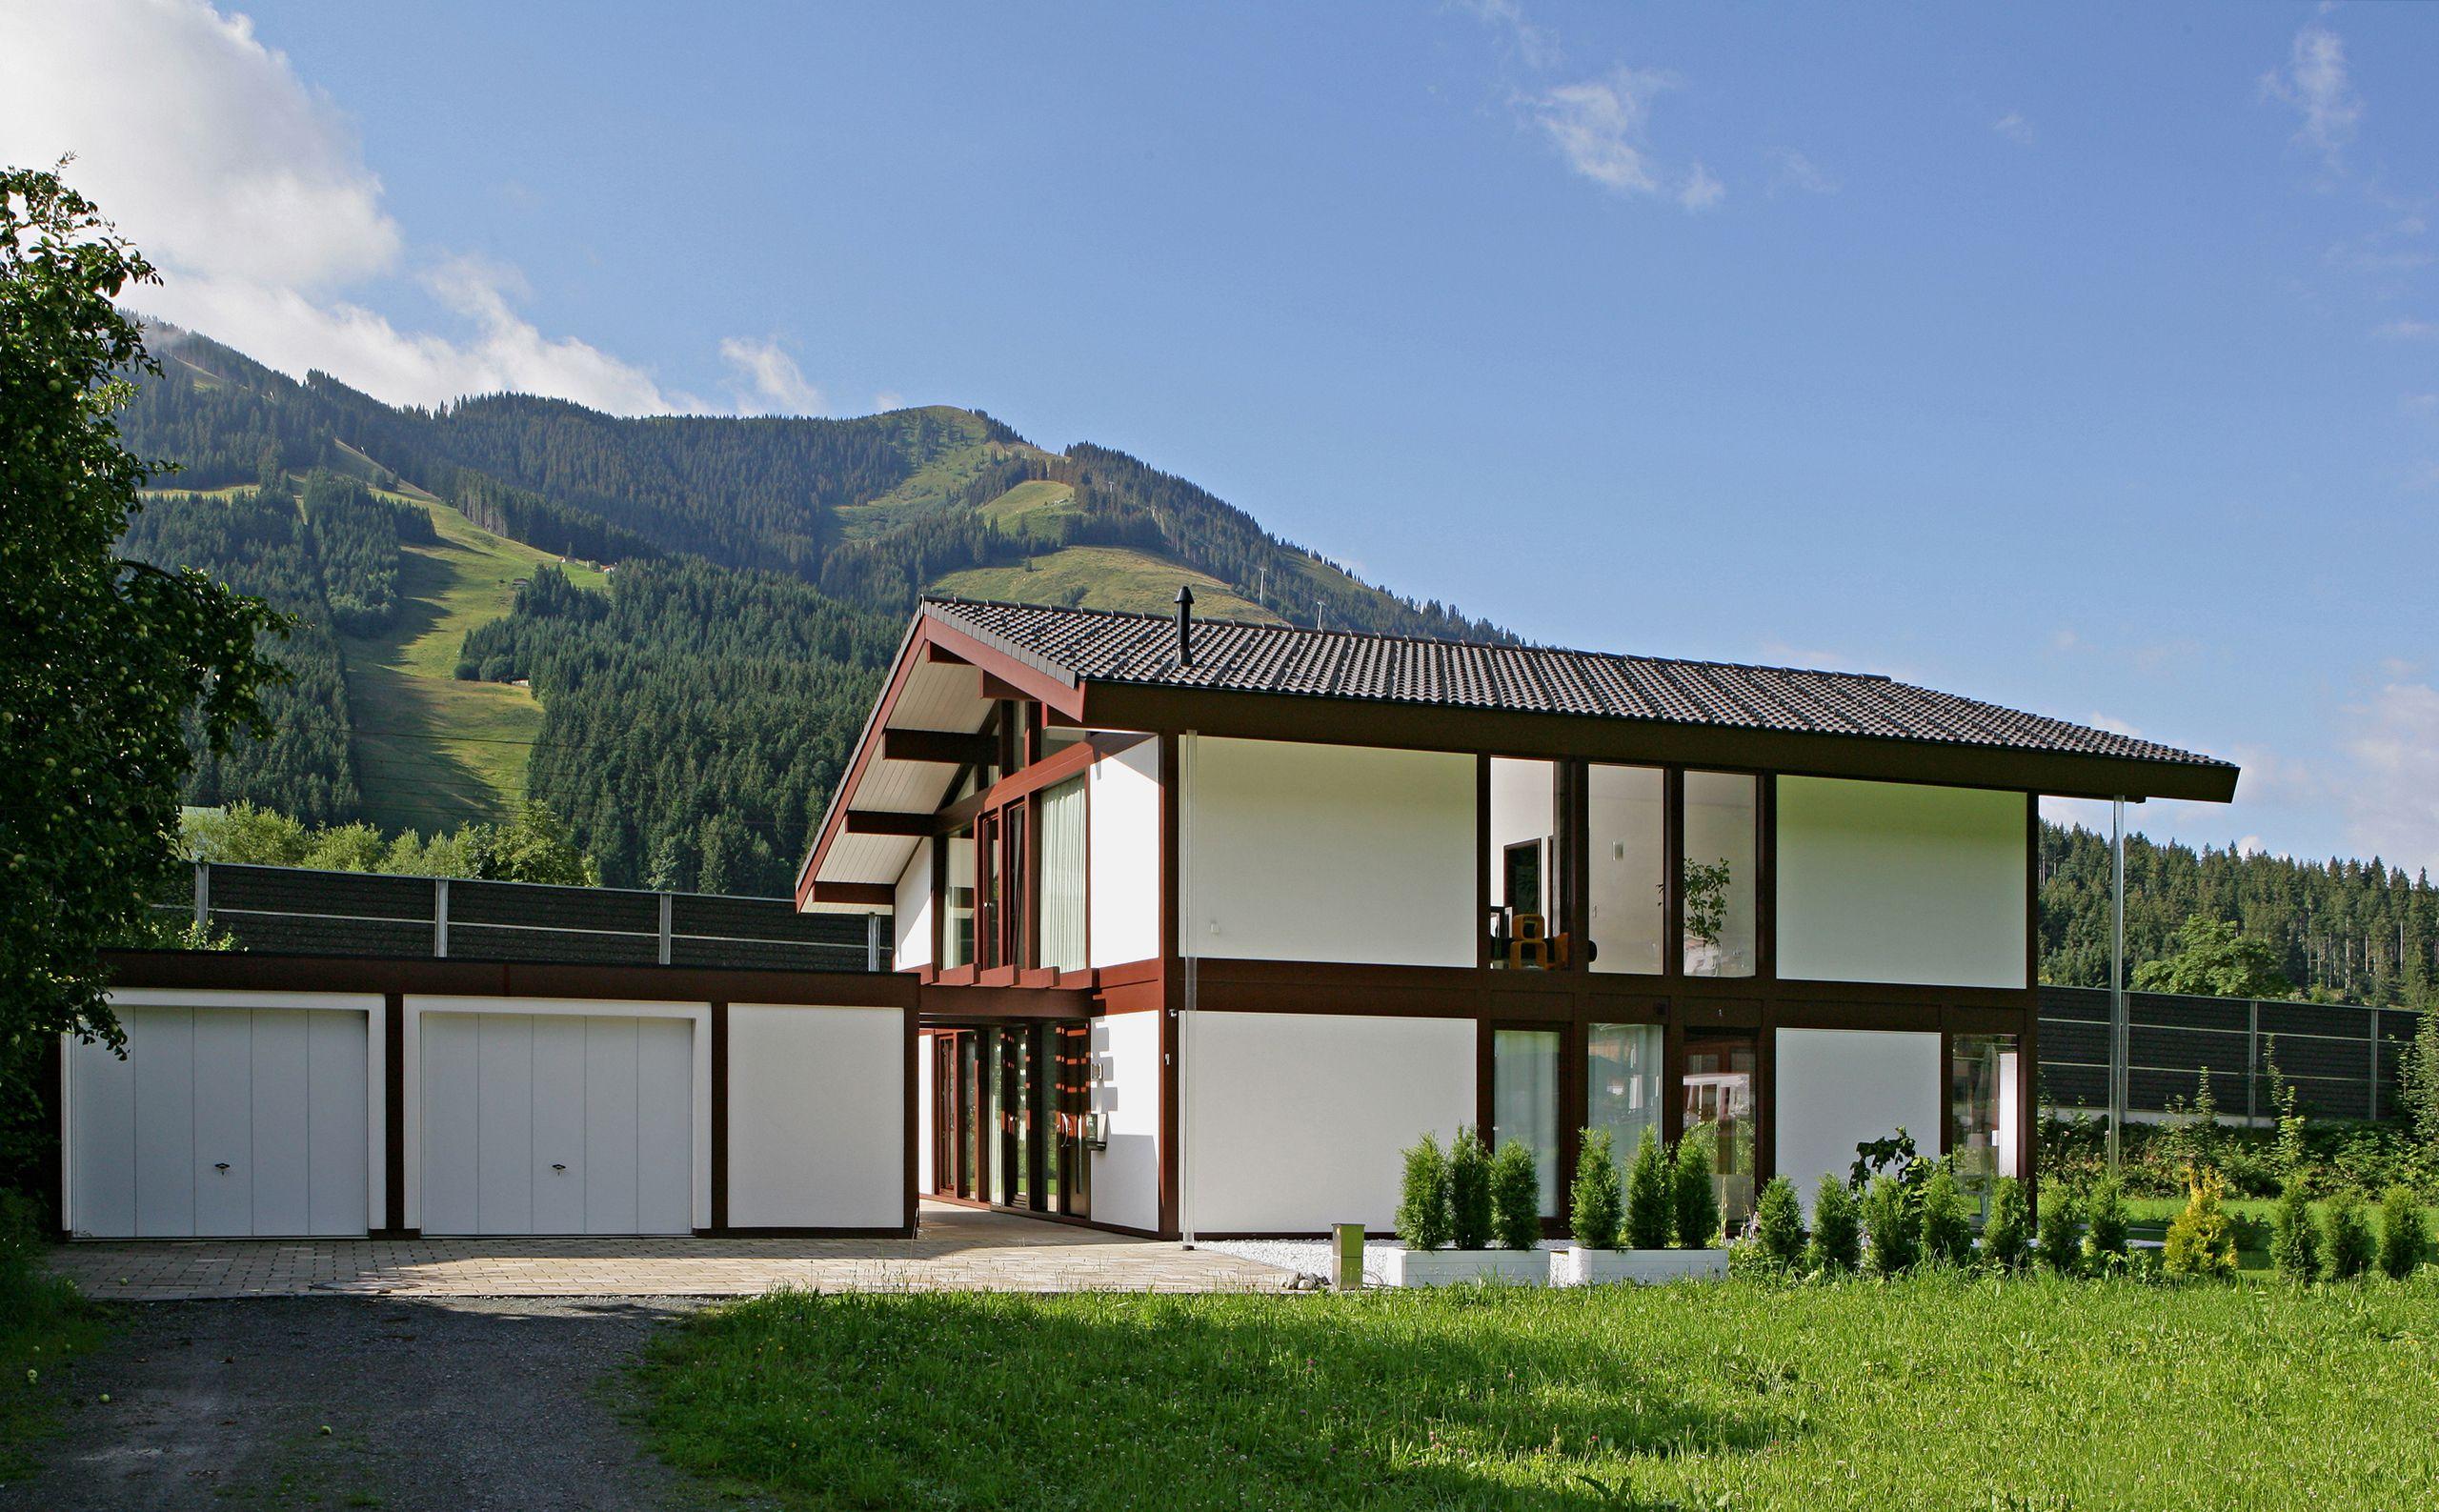 Kundenhaus - Brixental | Außenansicht mit Blick auf Garagen | Finden sie mehr Informationen zu diesem Kundenhaus auf http://www.davinci-haus.de/haeuser-standorte/kundenhaeuser/wilder-kaiser-brixental/ #Traumhaus #Fertighaus #Holfachwerk